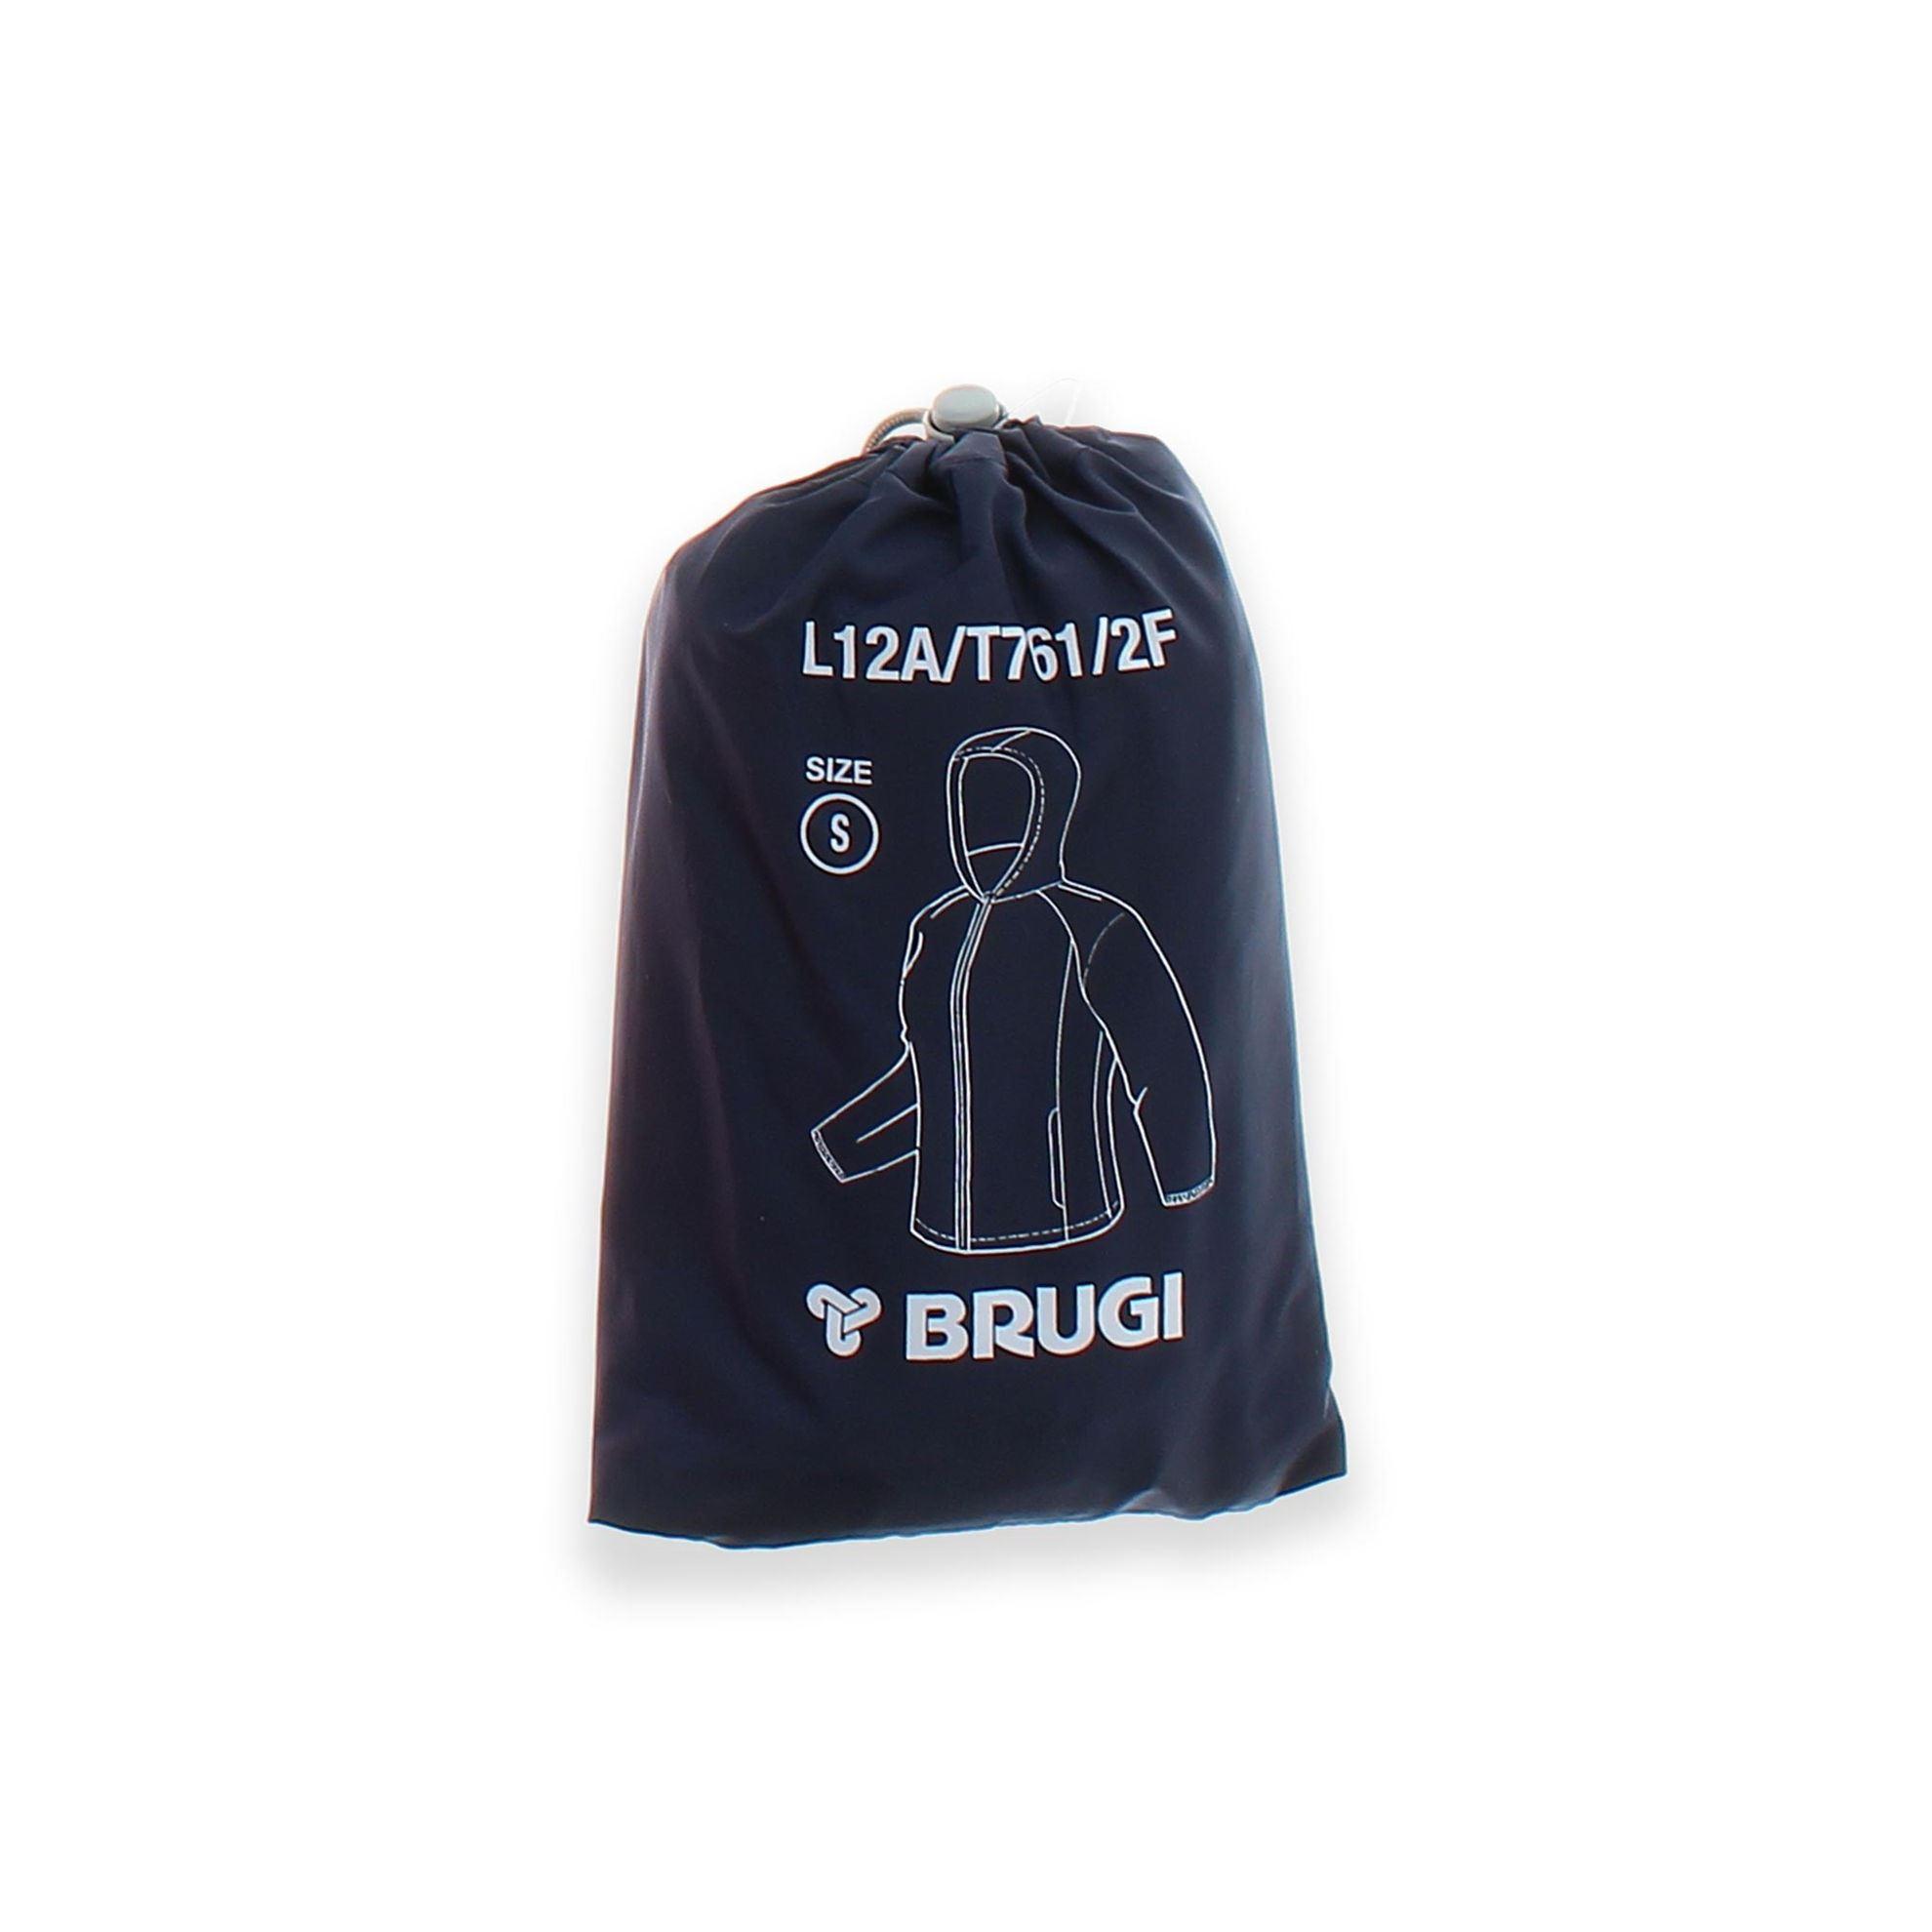 Immagine di BRUGI - K-Way sfoderato idrorepellente e antivento, ripiegabile in tasca